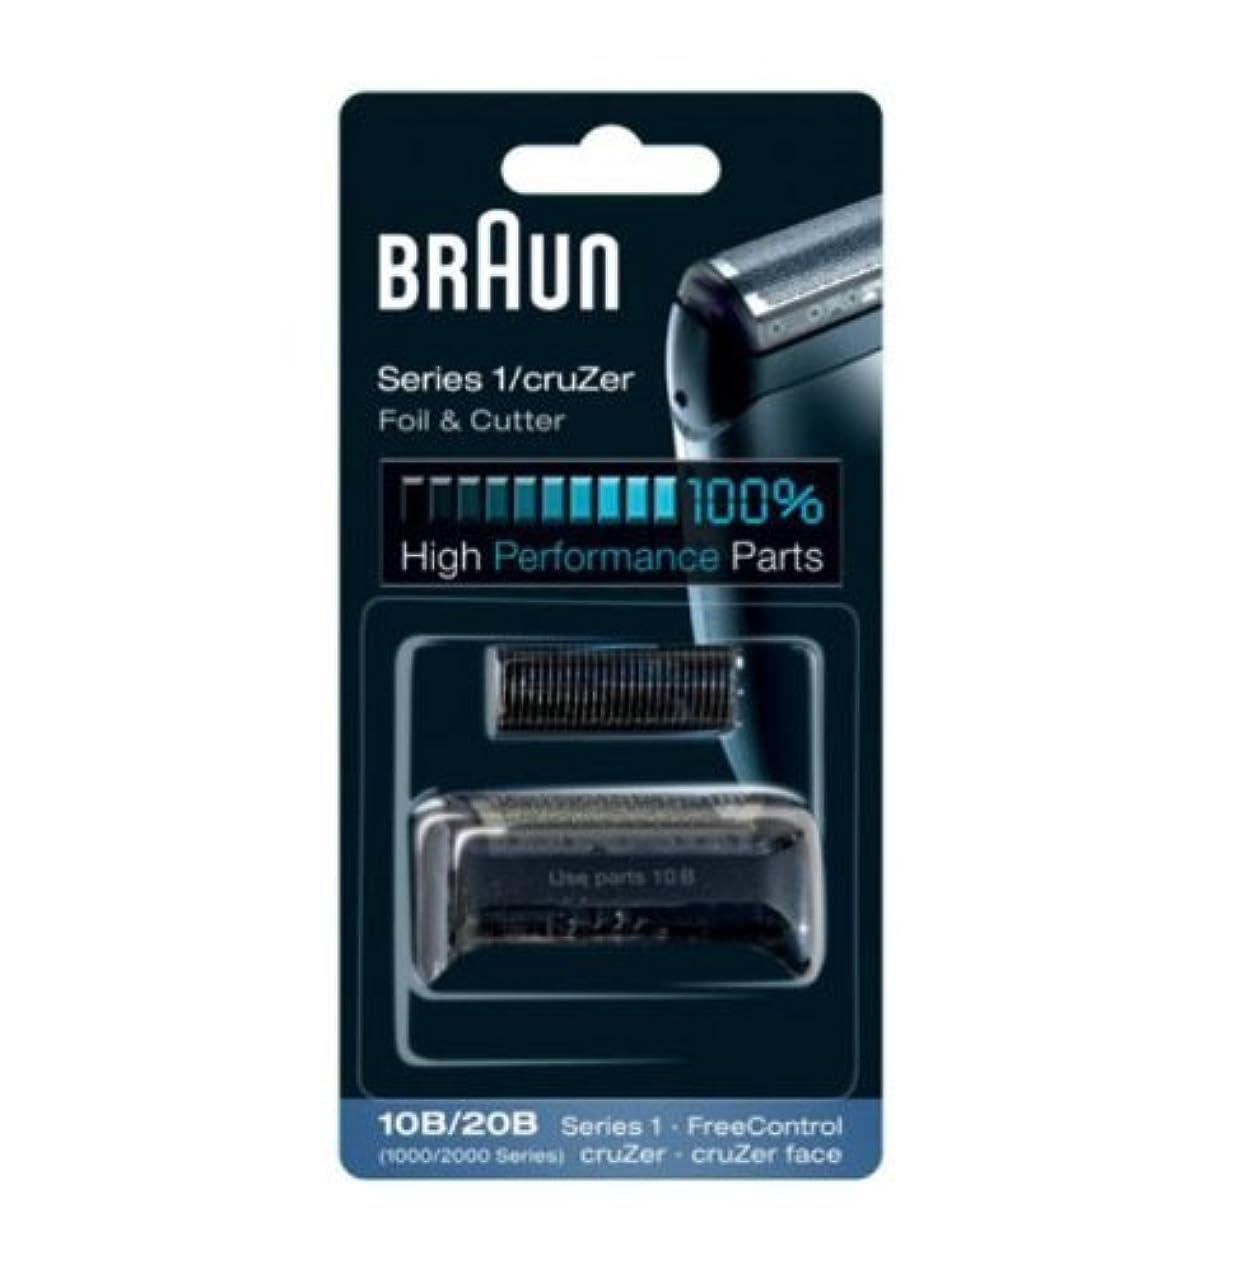 力学欠如栄養Braun Replacement Foil & Cutter - 10B, Series 1,FreeControl - 1000 Series by Braun [並行輸入品]